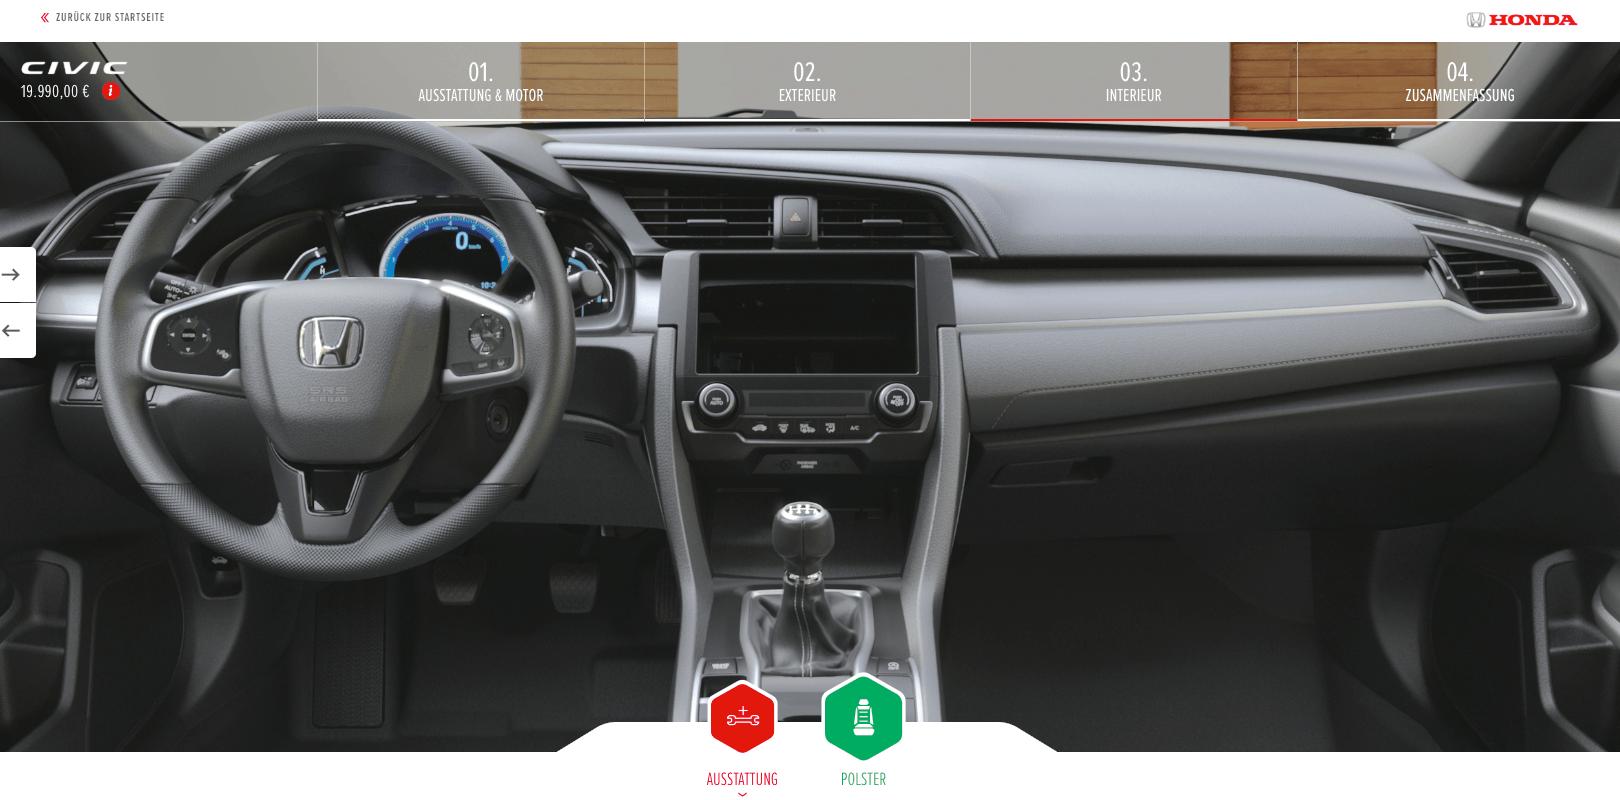 Honda Civic - kokpit